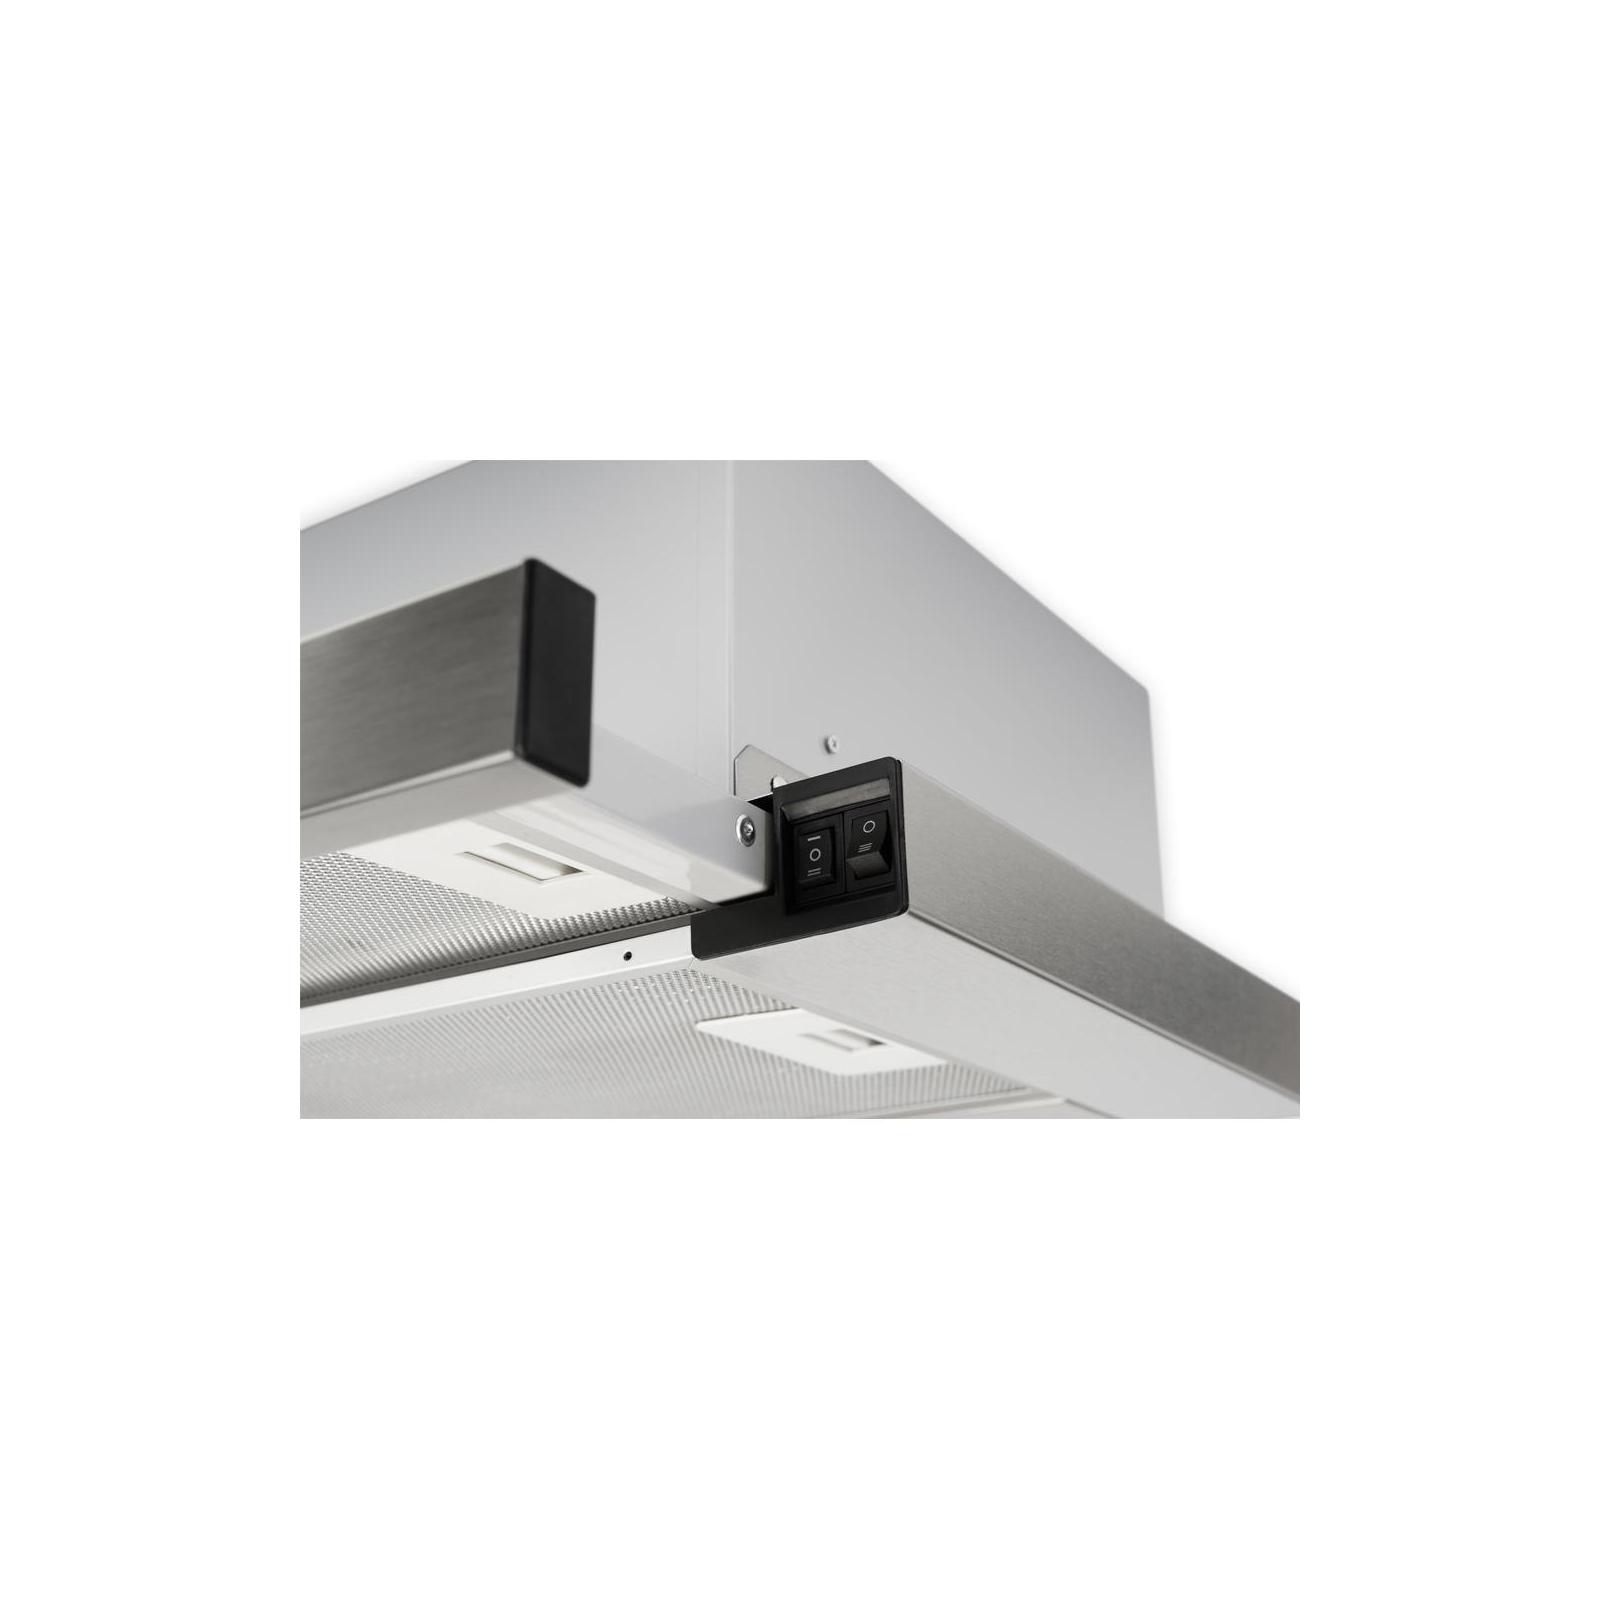 Вытяжка кухонная MINOLA HTL 6012 FULL INOX 450 LED изображение 6